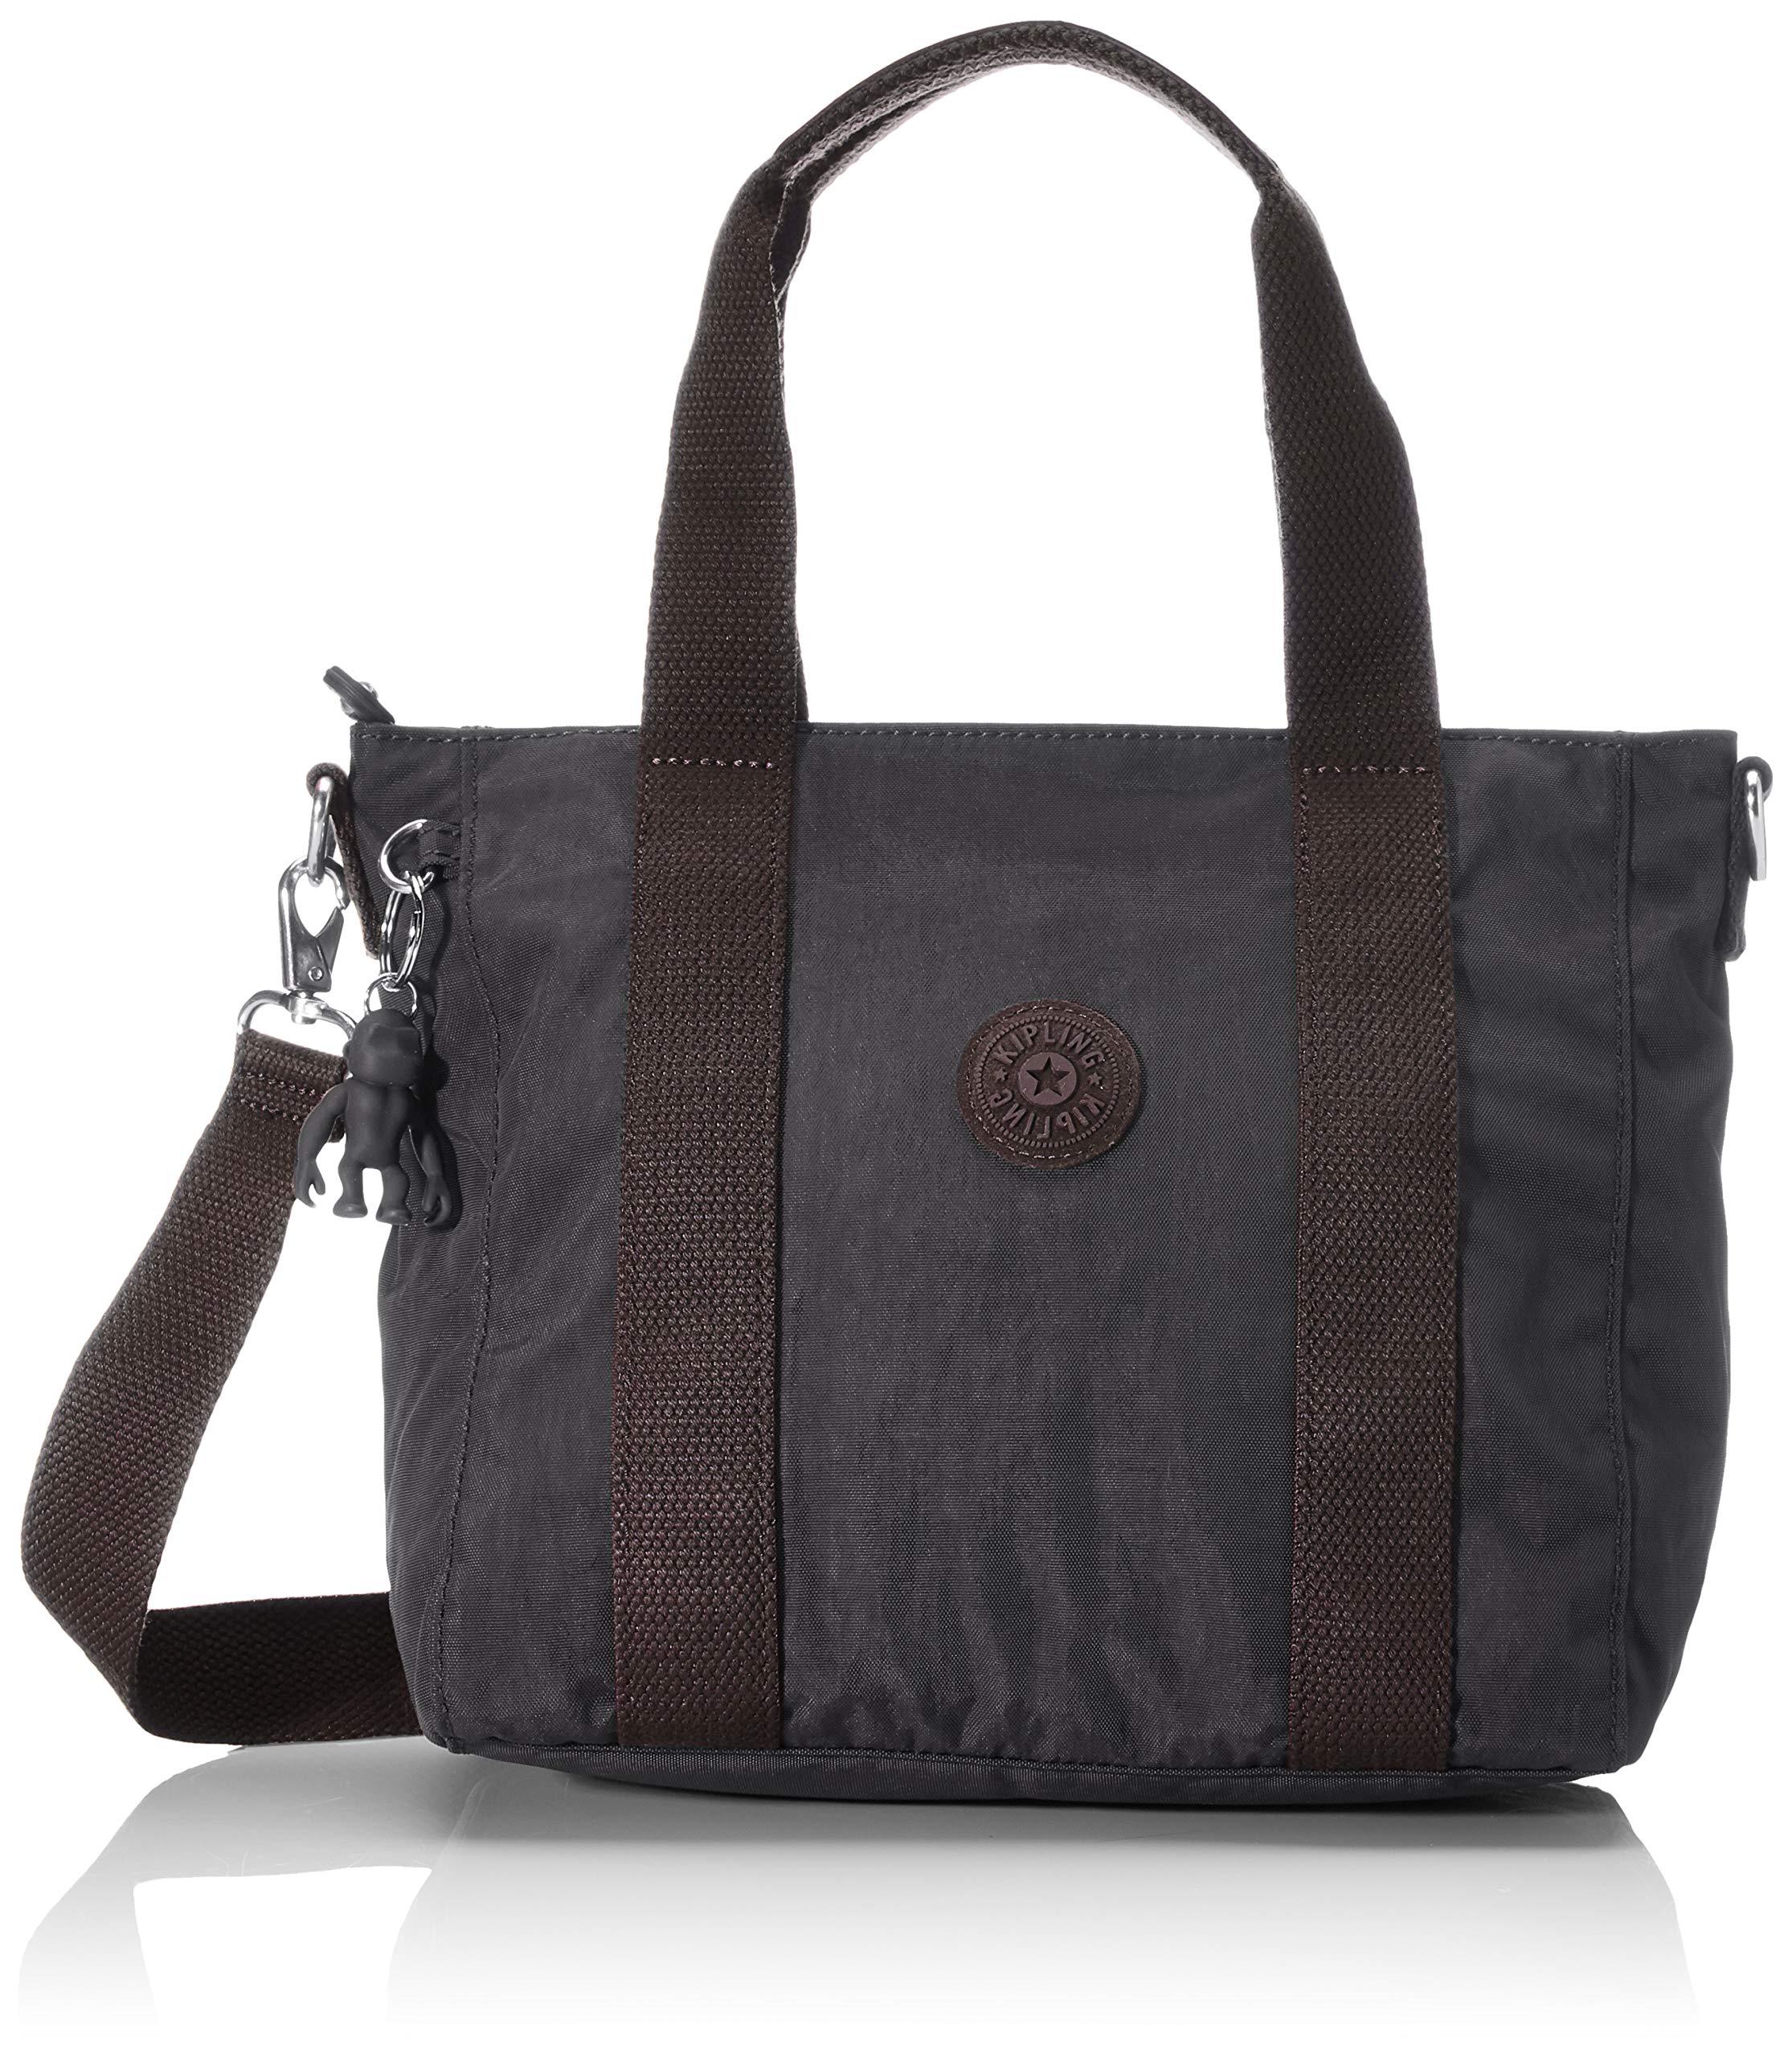 Kipling Handtaschen Taschen KI7149P39 Schwarz XiJMe